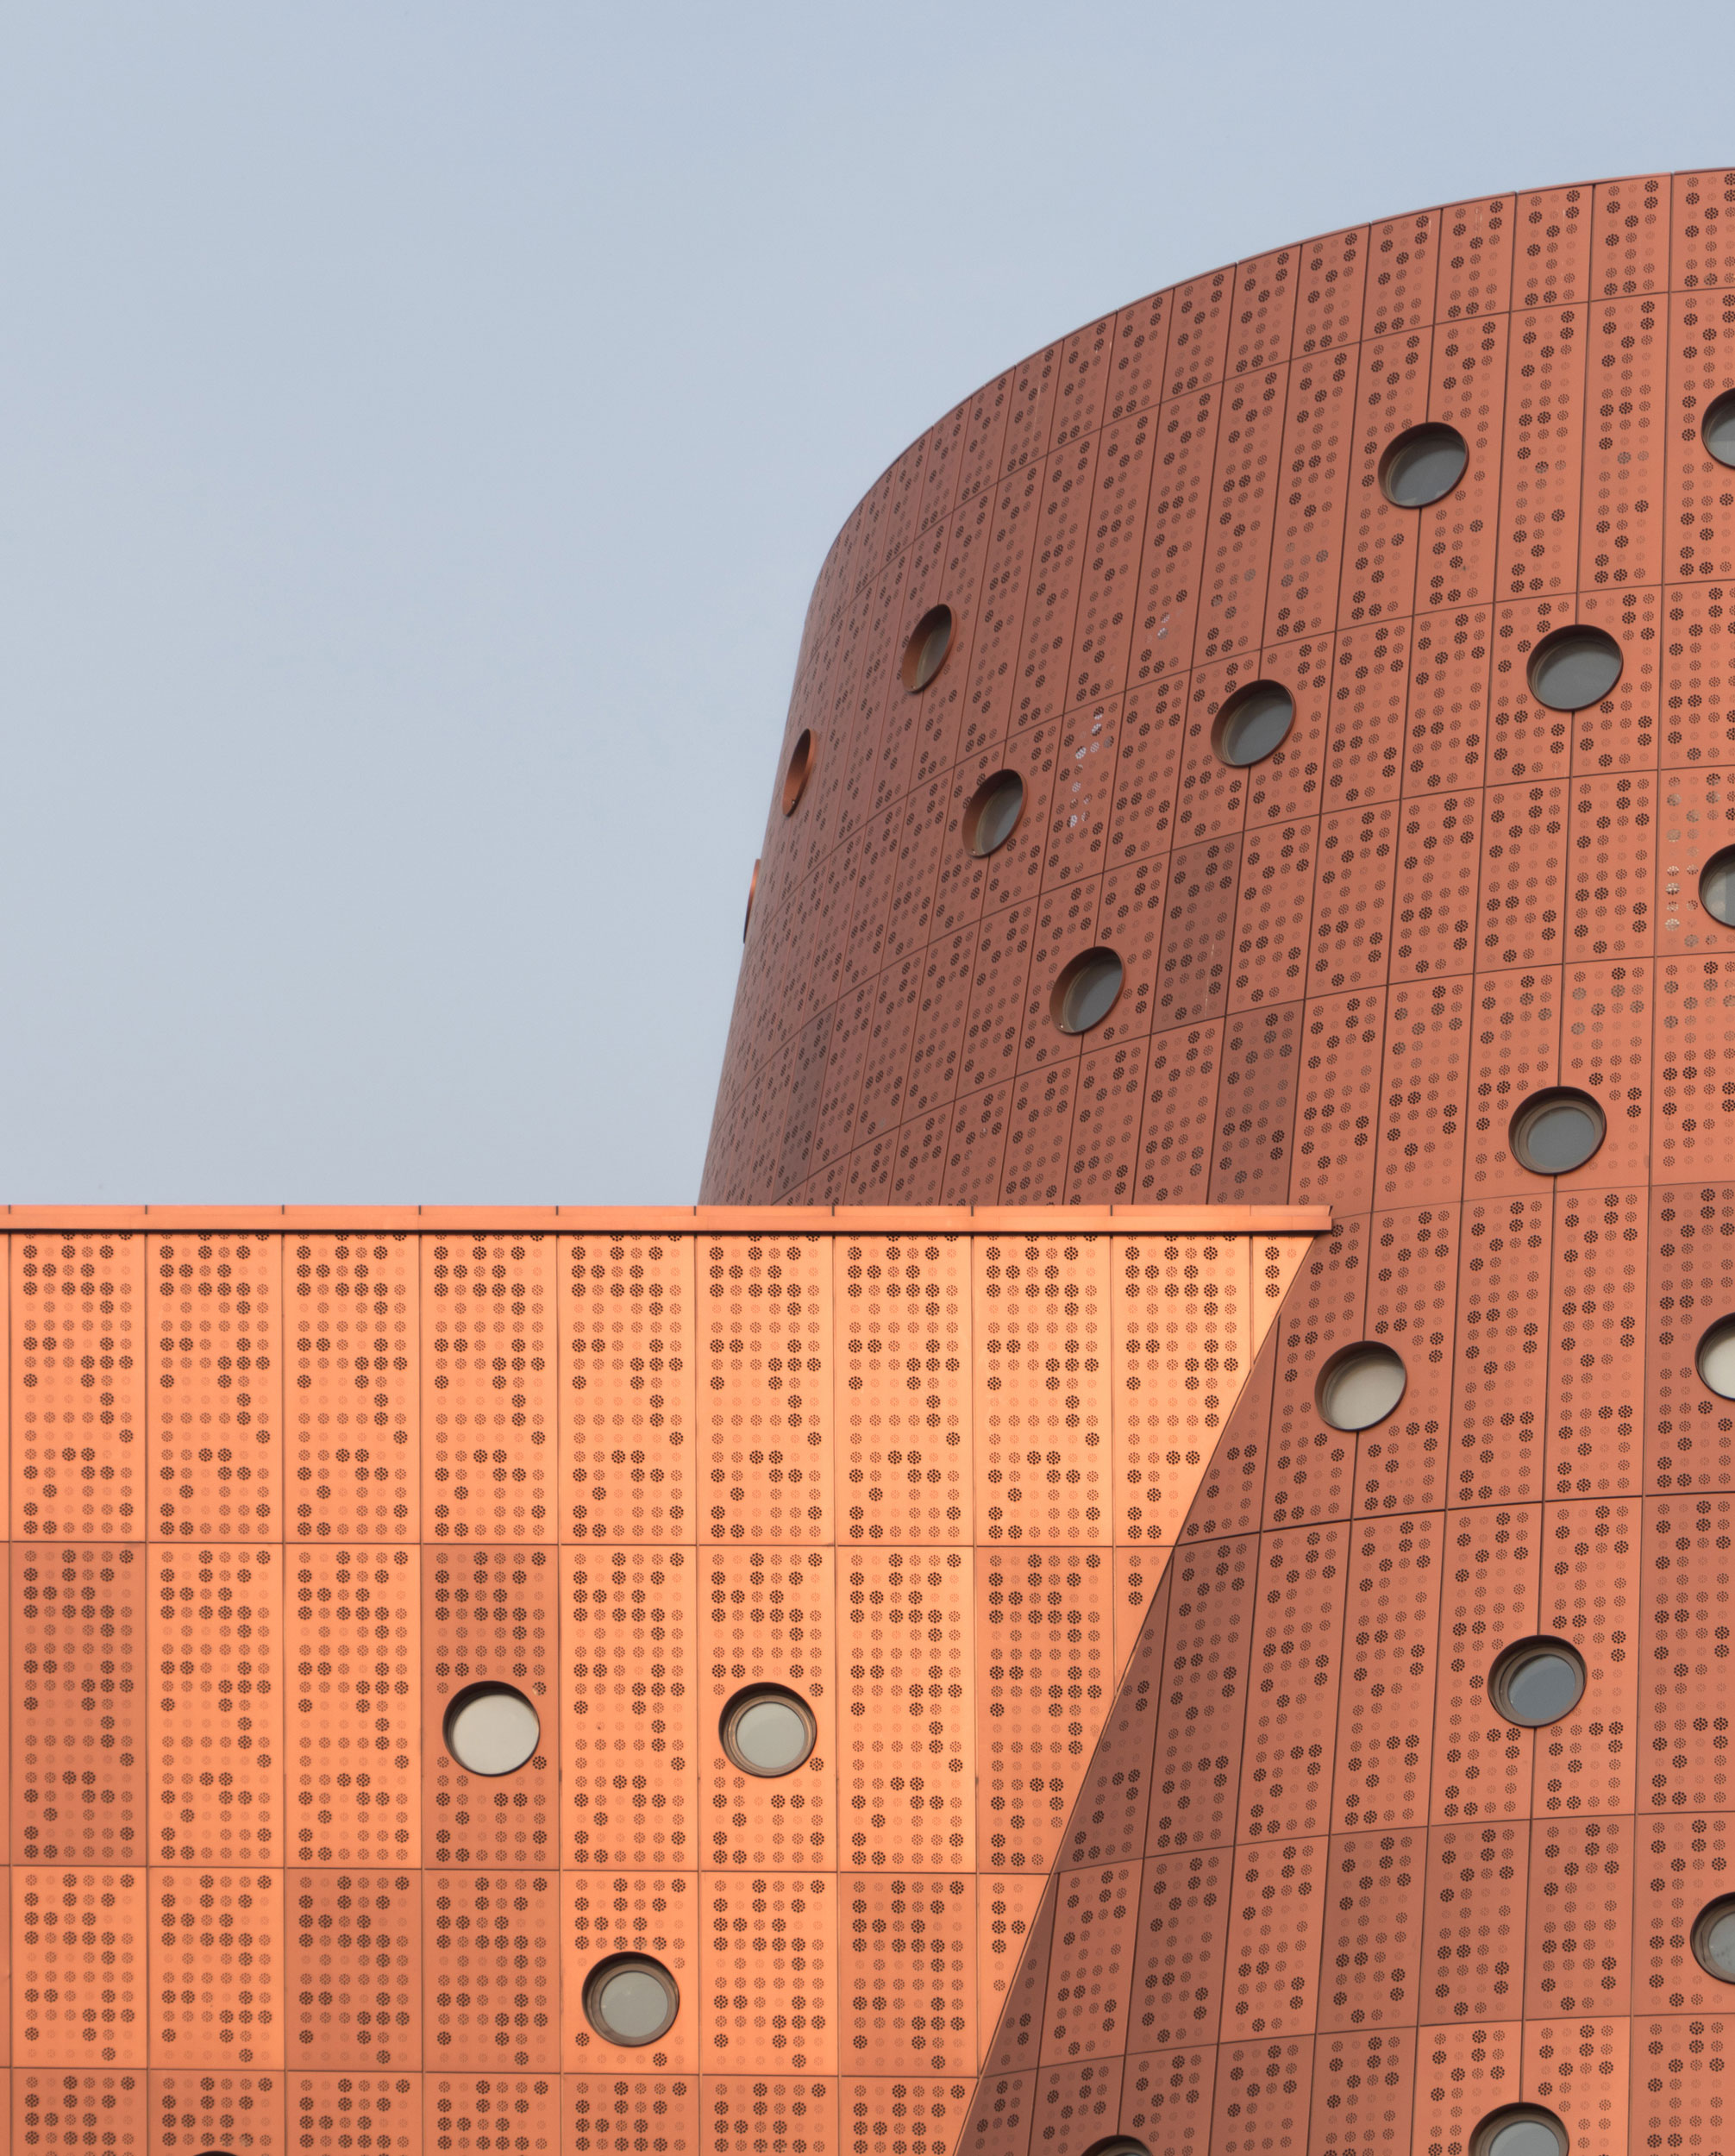 Exploratorium museum in Tianjin